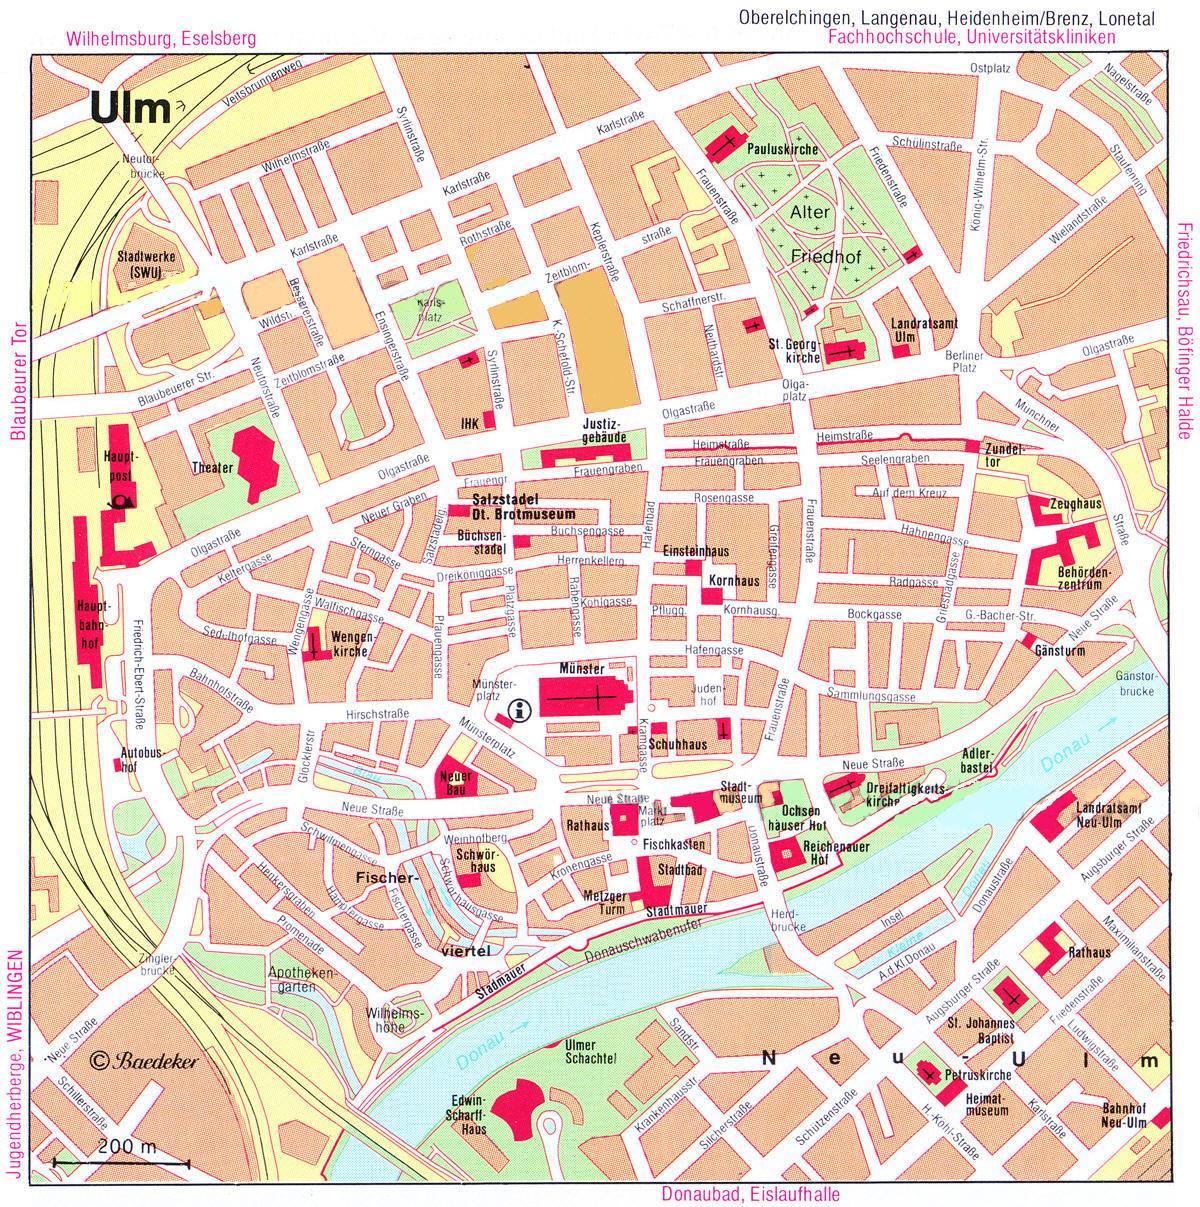 Mappa; Monumenti · Stradario · Inserzionisti